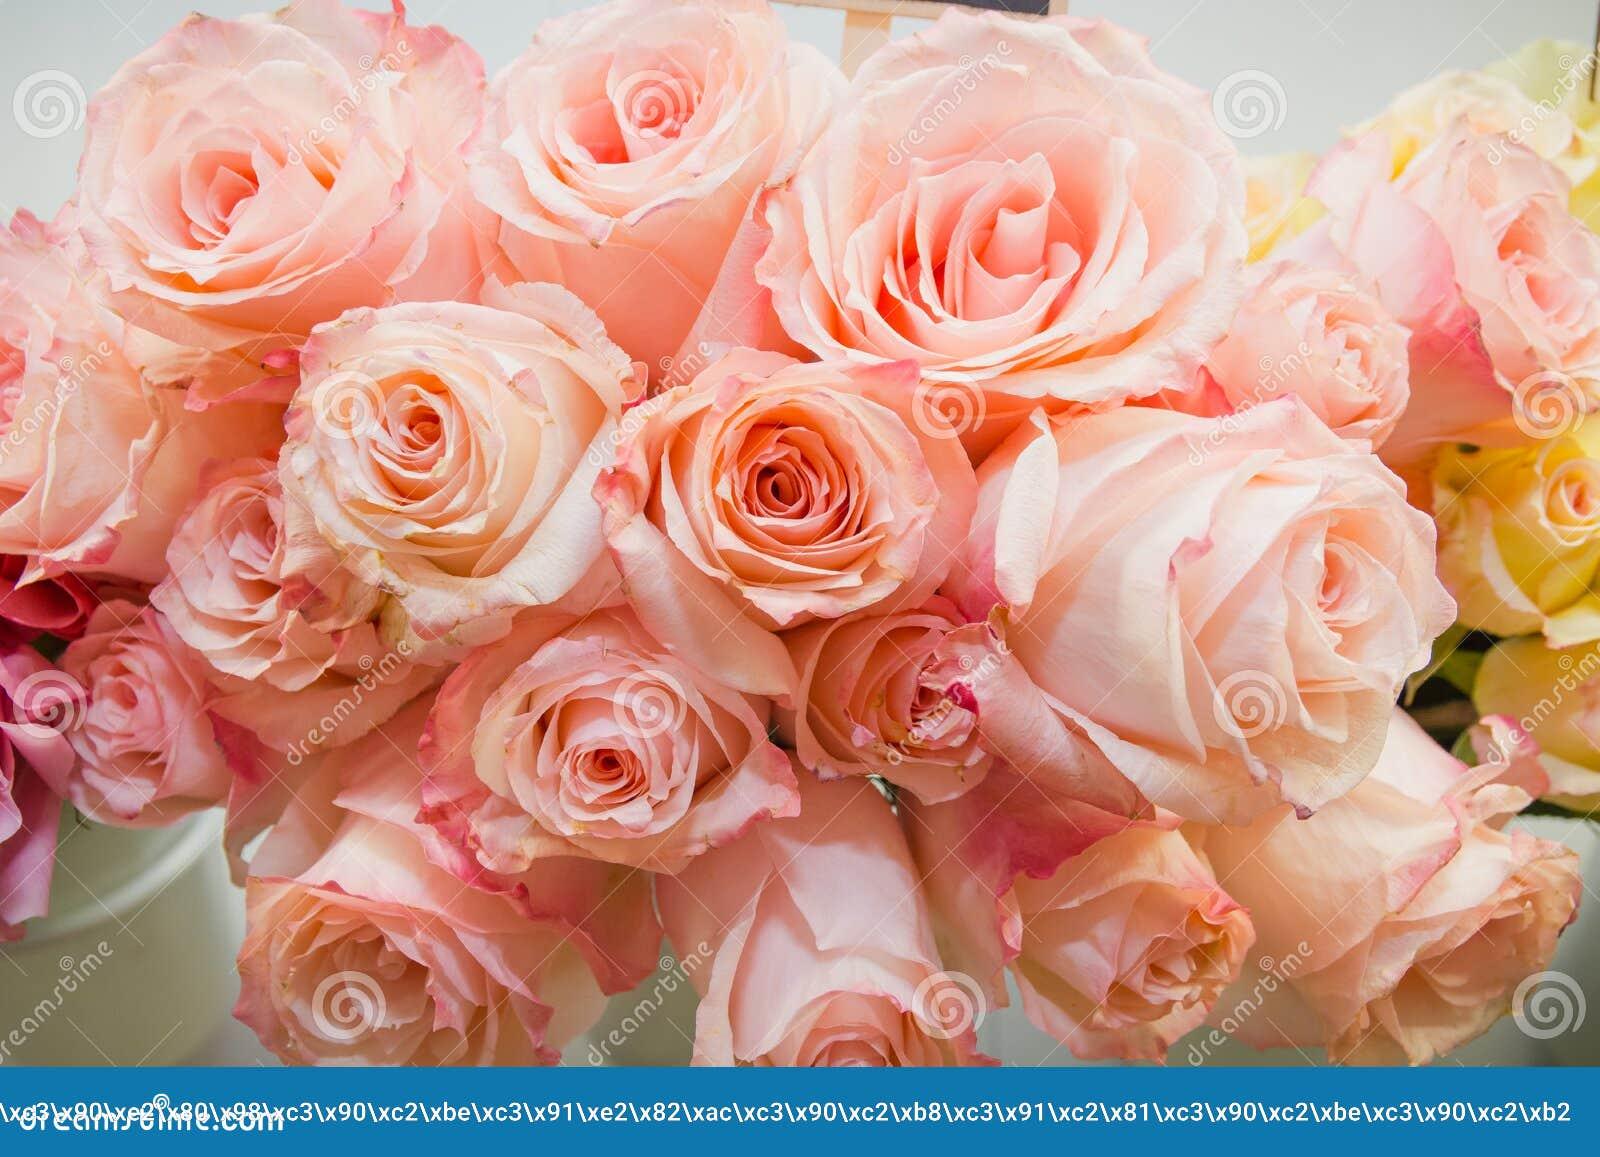 桃红色玫瑰 它是很多桃红色玫瑰